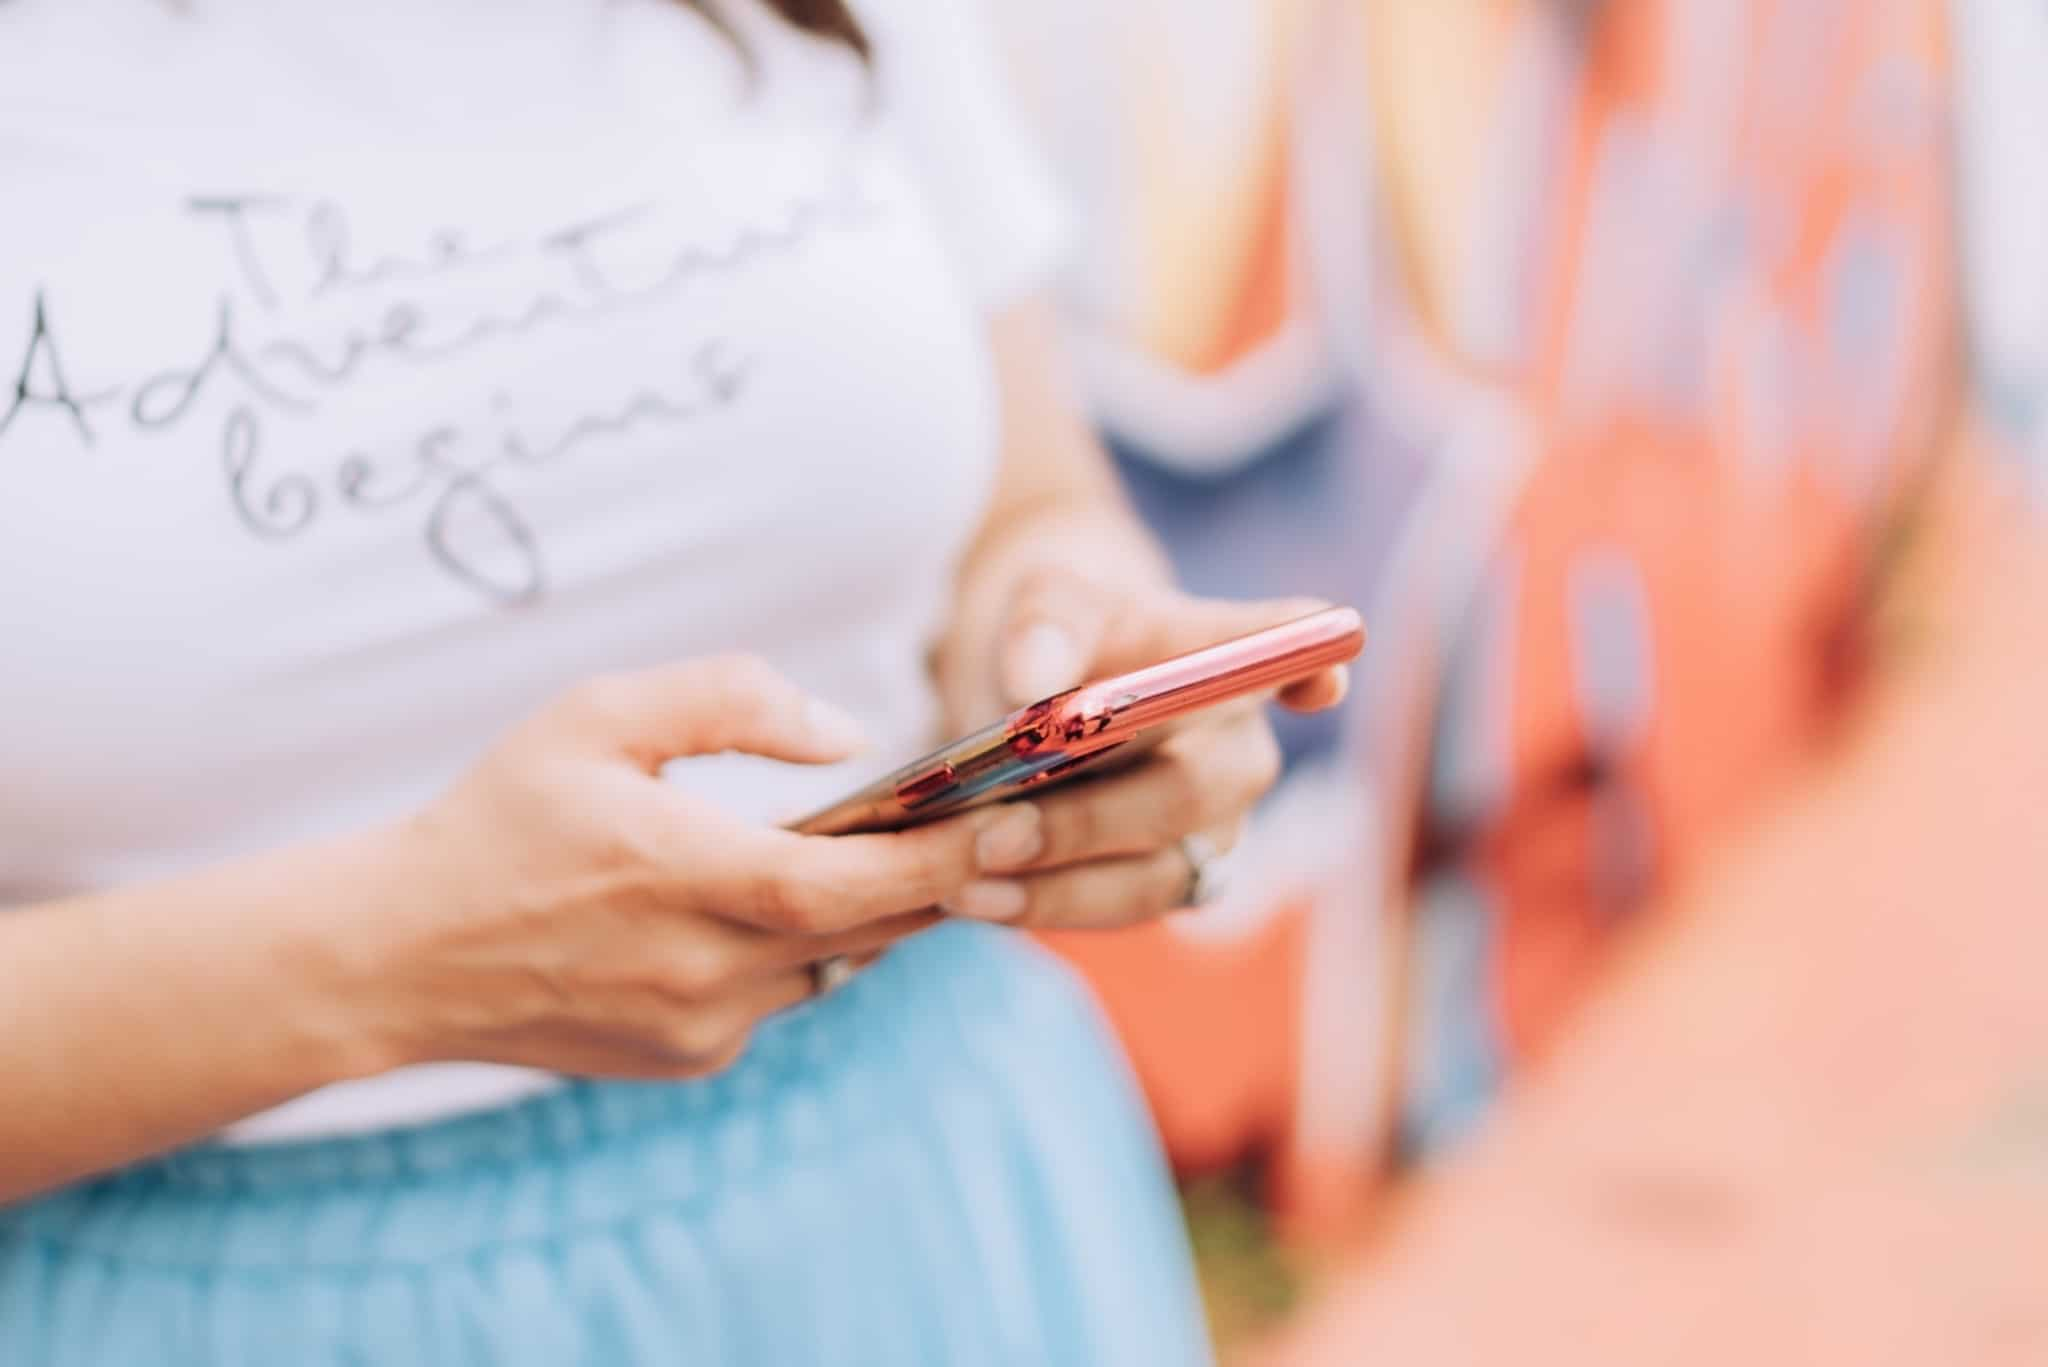 rapariga a mexer no smartphone a identificar fake news